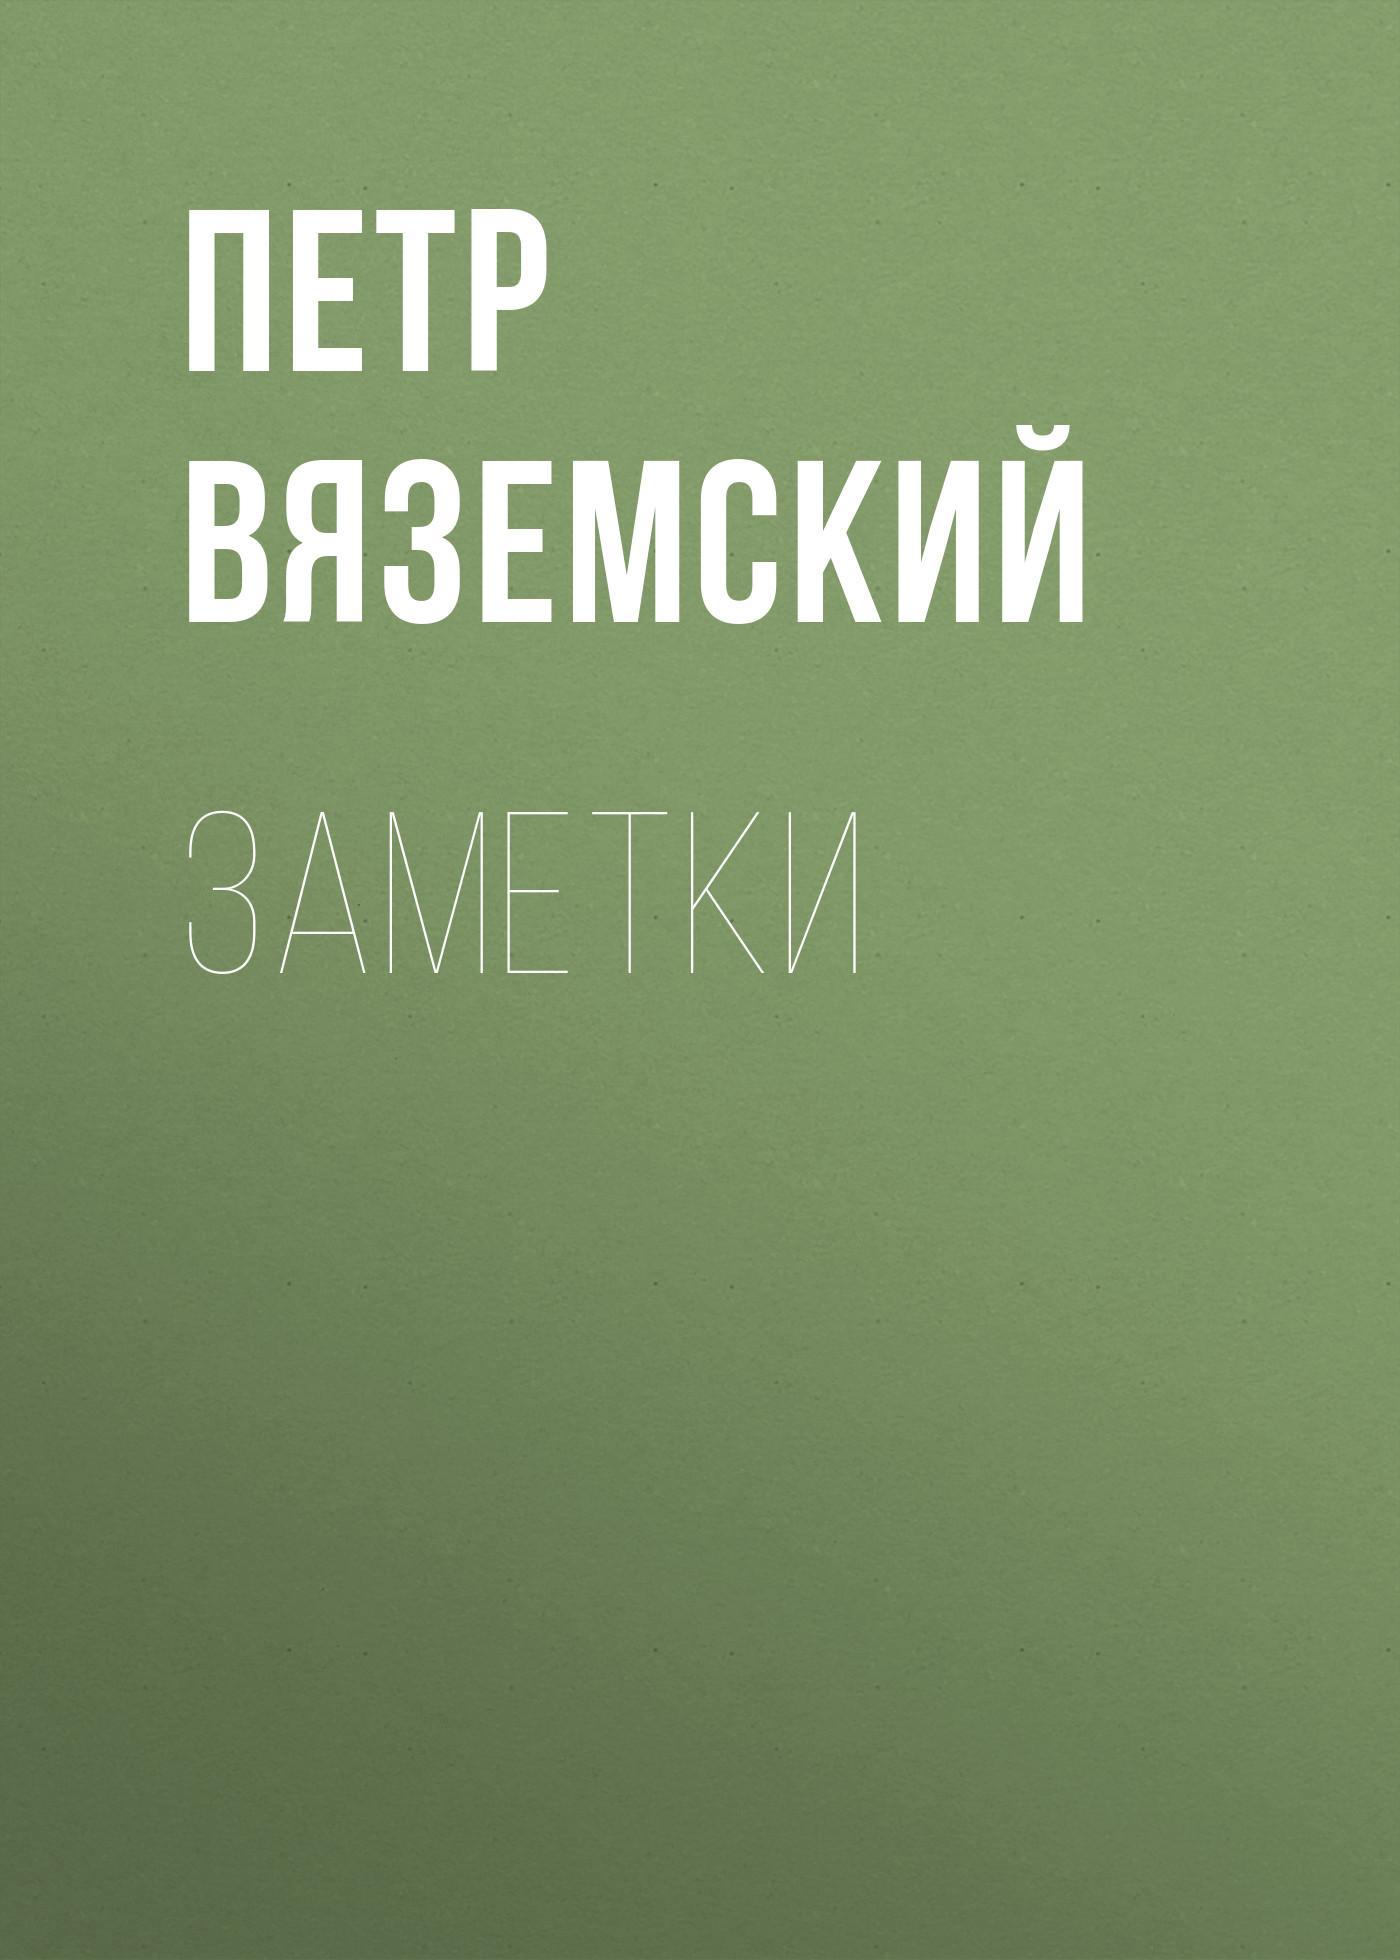 Петр Вяземский Заметки петр вяземский за границею корректурные листы